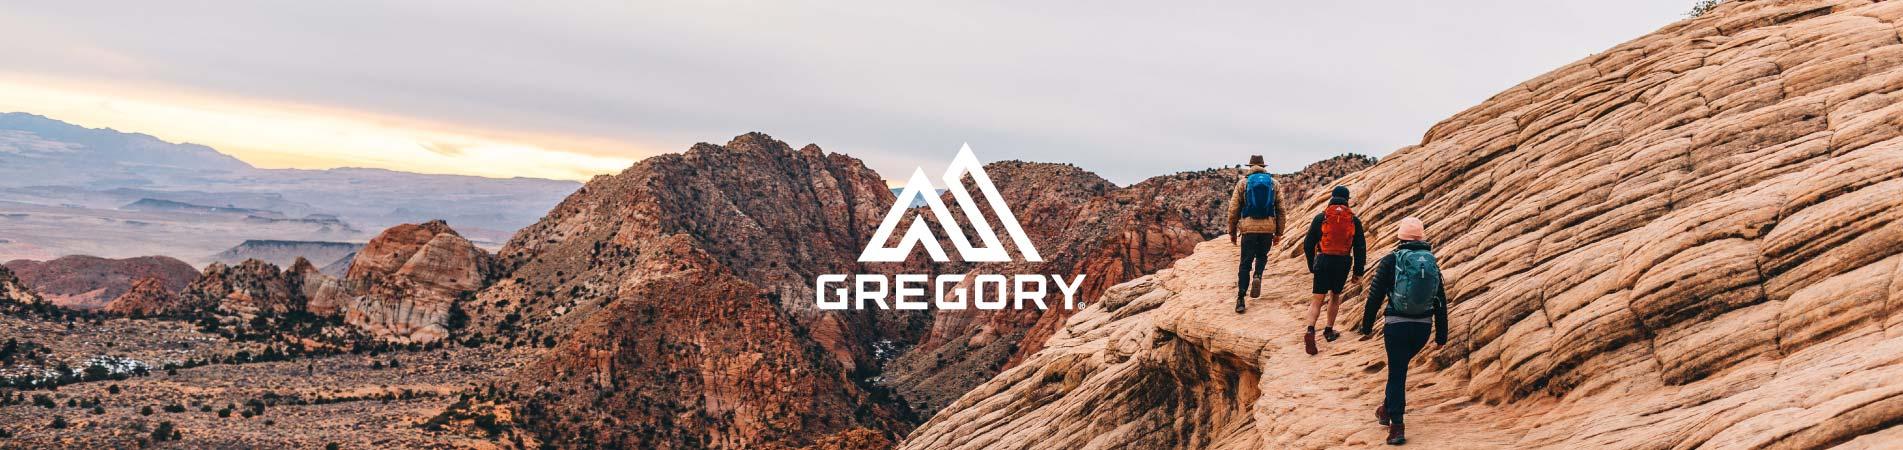 gregory-brand-banner-v1r0.jpg